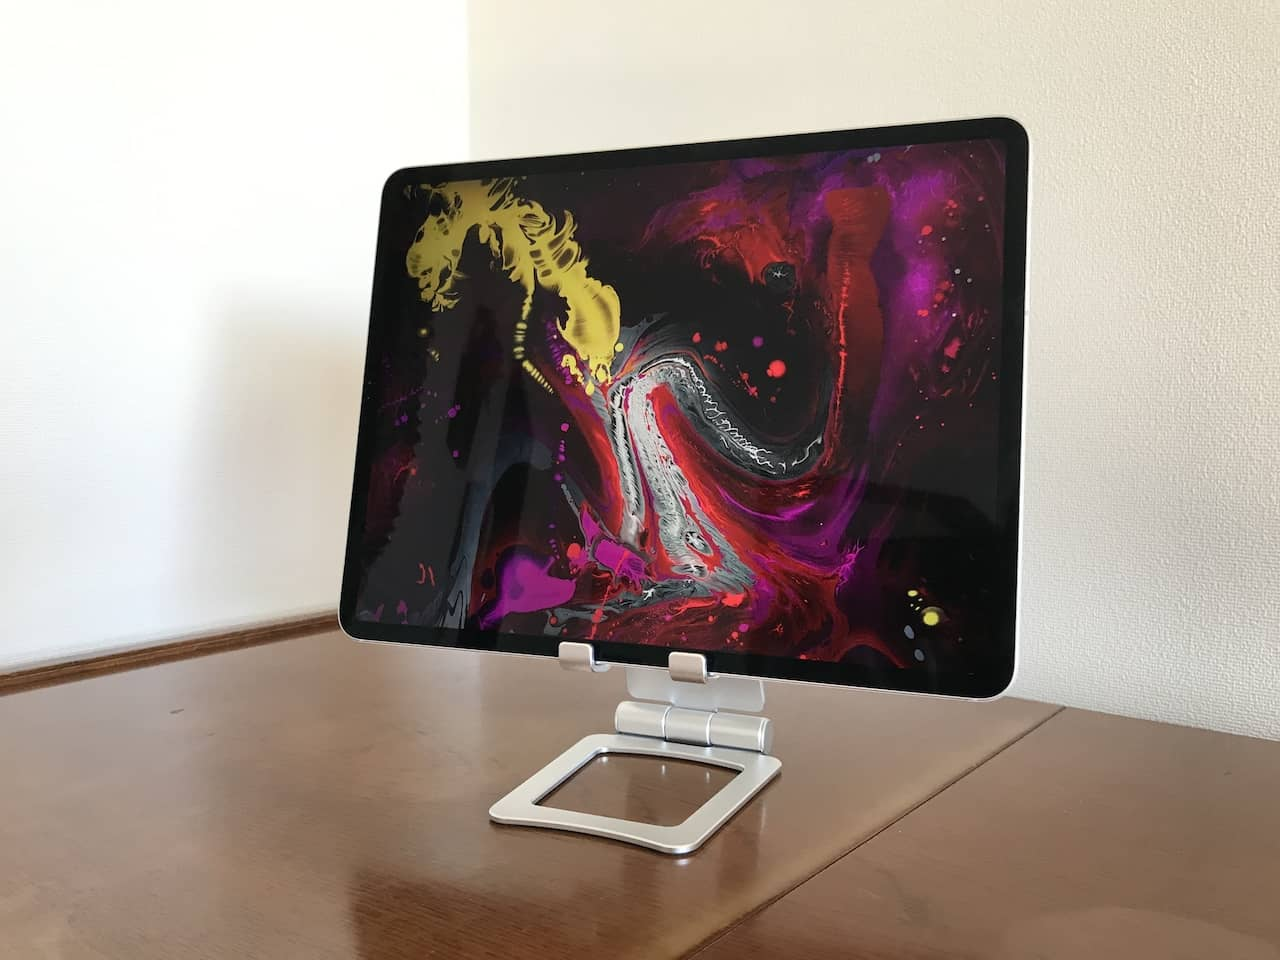 シルバーのタブレットスタンドに幾何学模様の画像を表示したiPad 12.9インチがのっています。